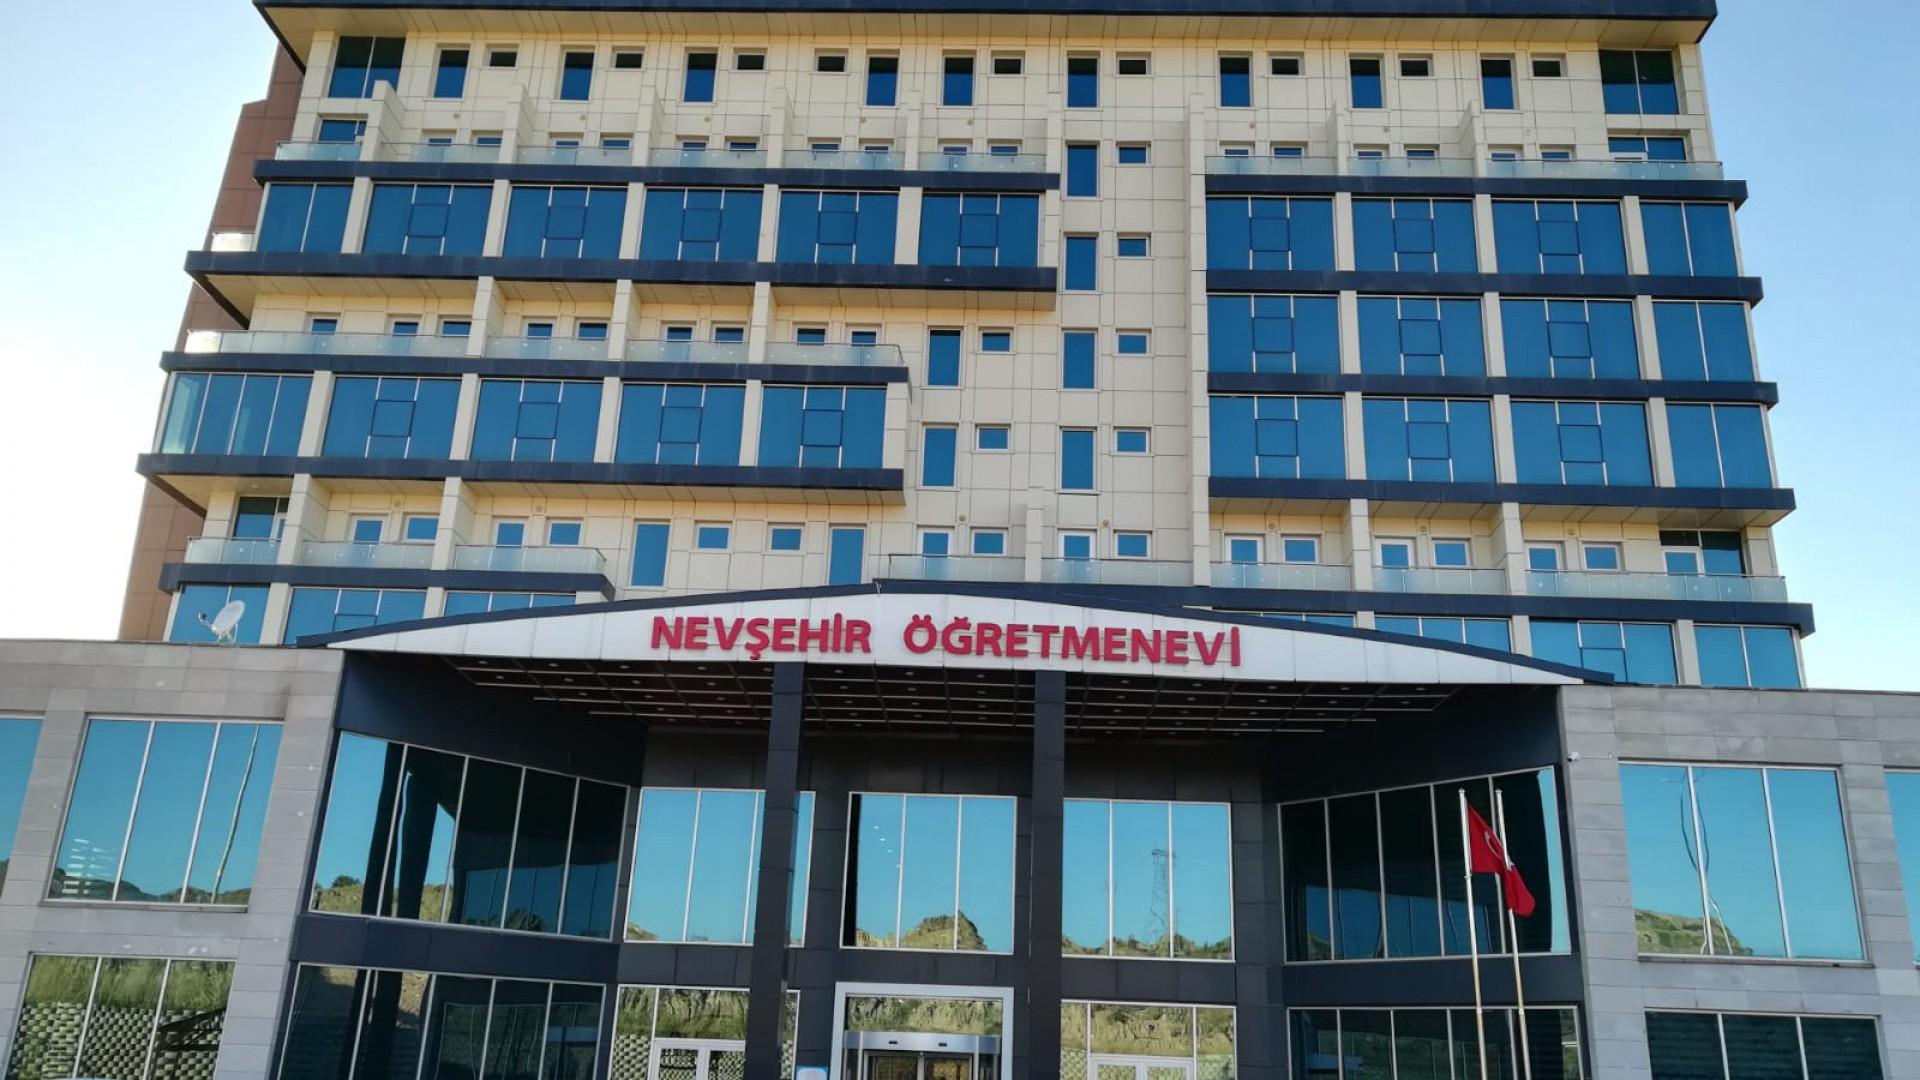 Nevşehir Öğretmen Evi